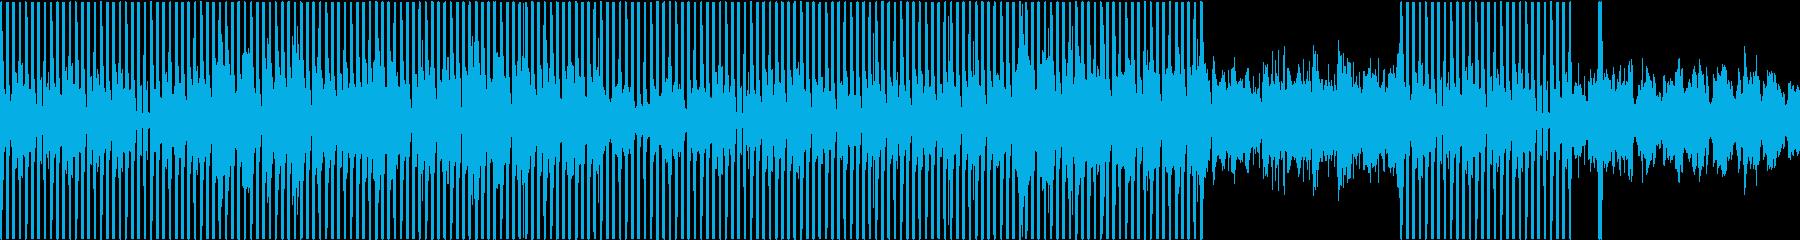 叙情的EDMハウスver.2の再生済みの波形